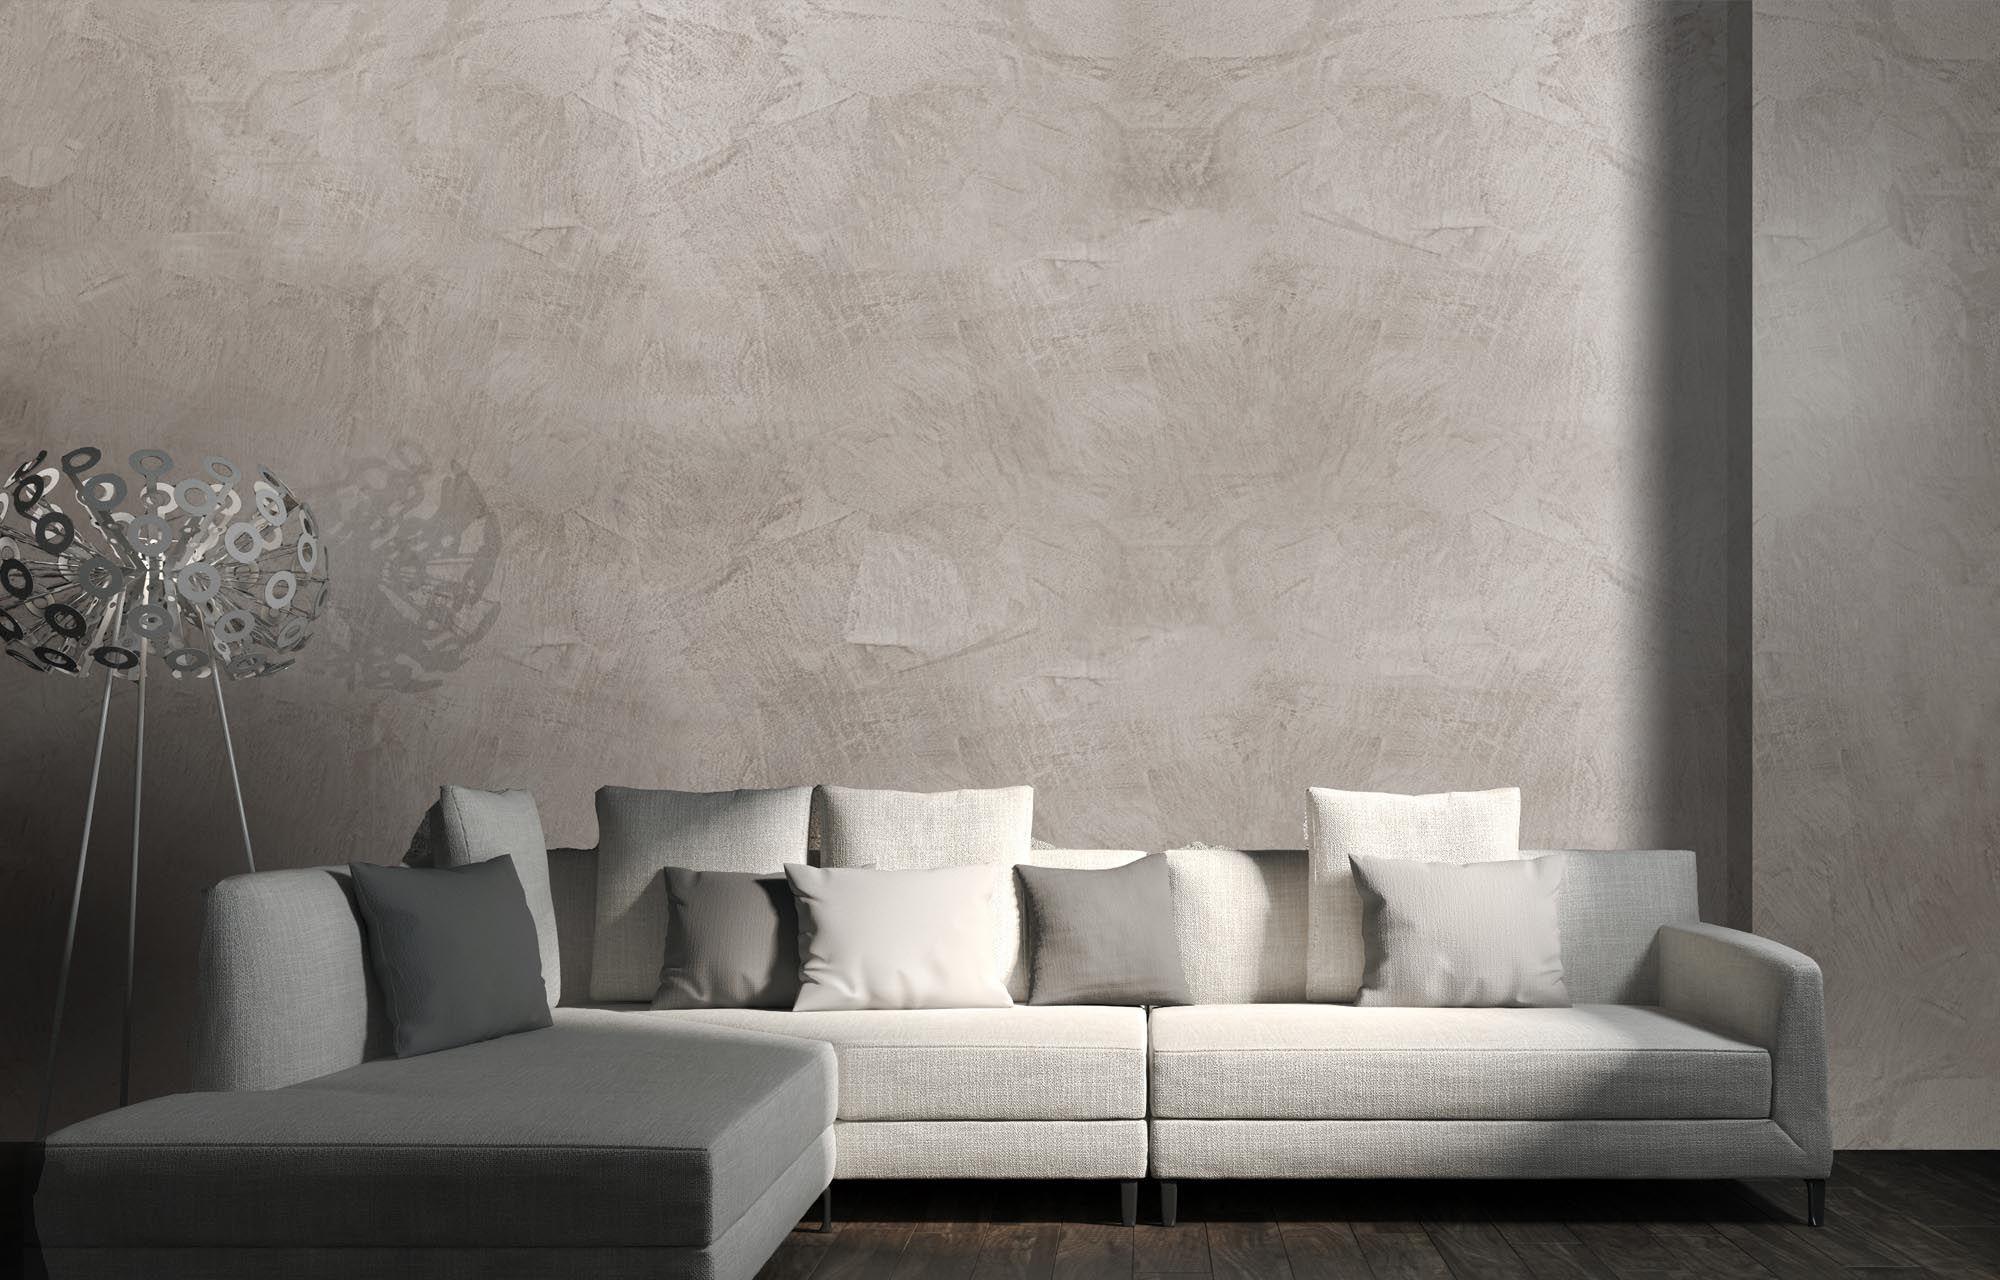 Tecniche di pittura per realizzare pareti moderne. Tinteggiatura Vernice Effetto Materico Home Italian Decor Decor